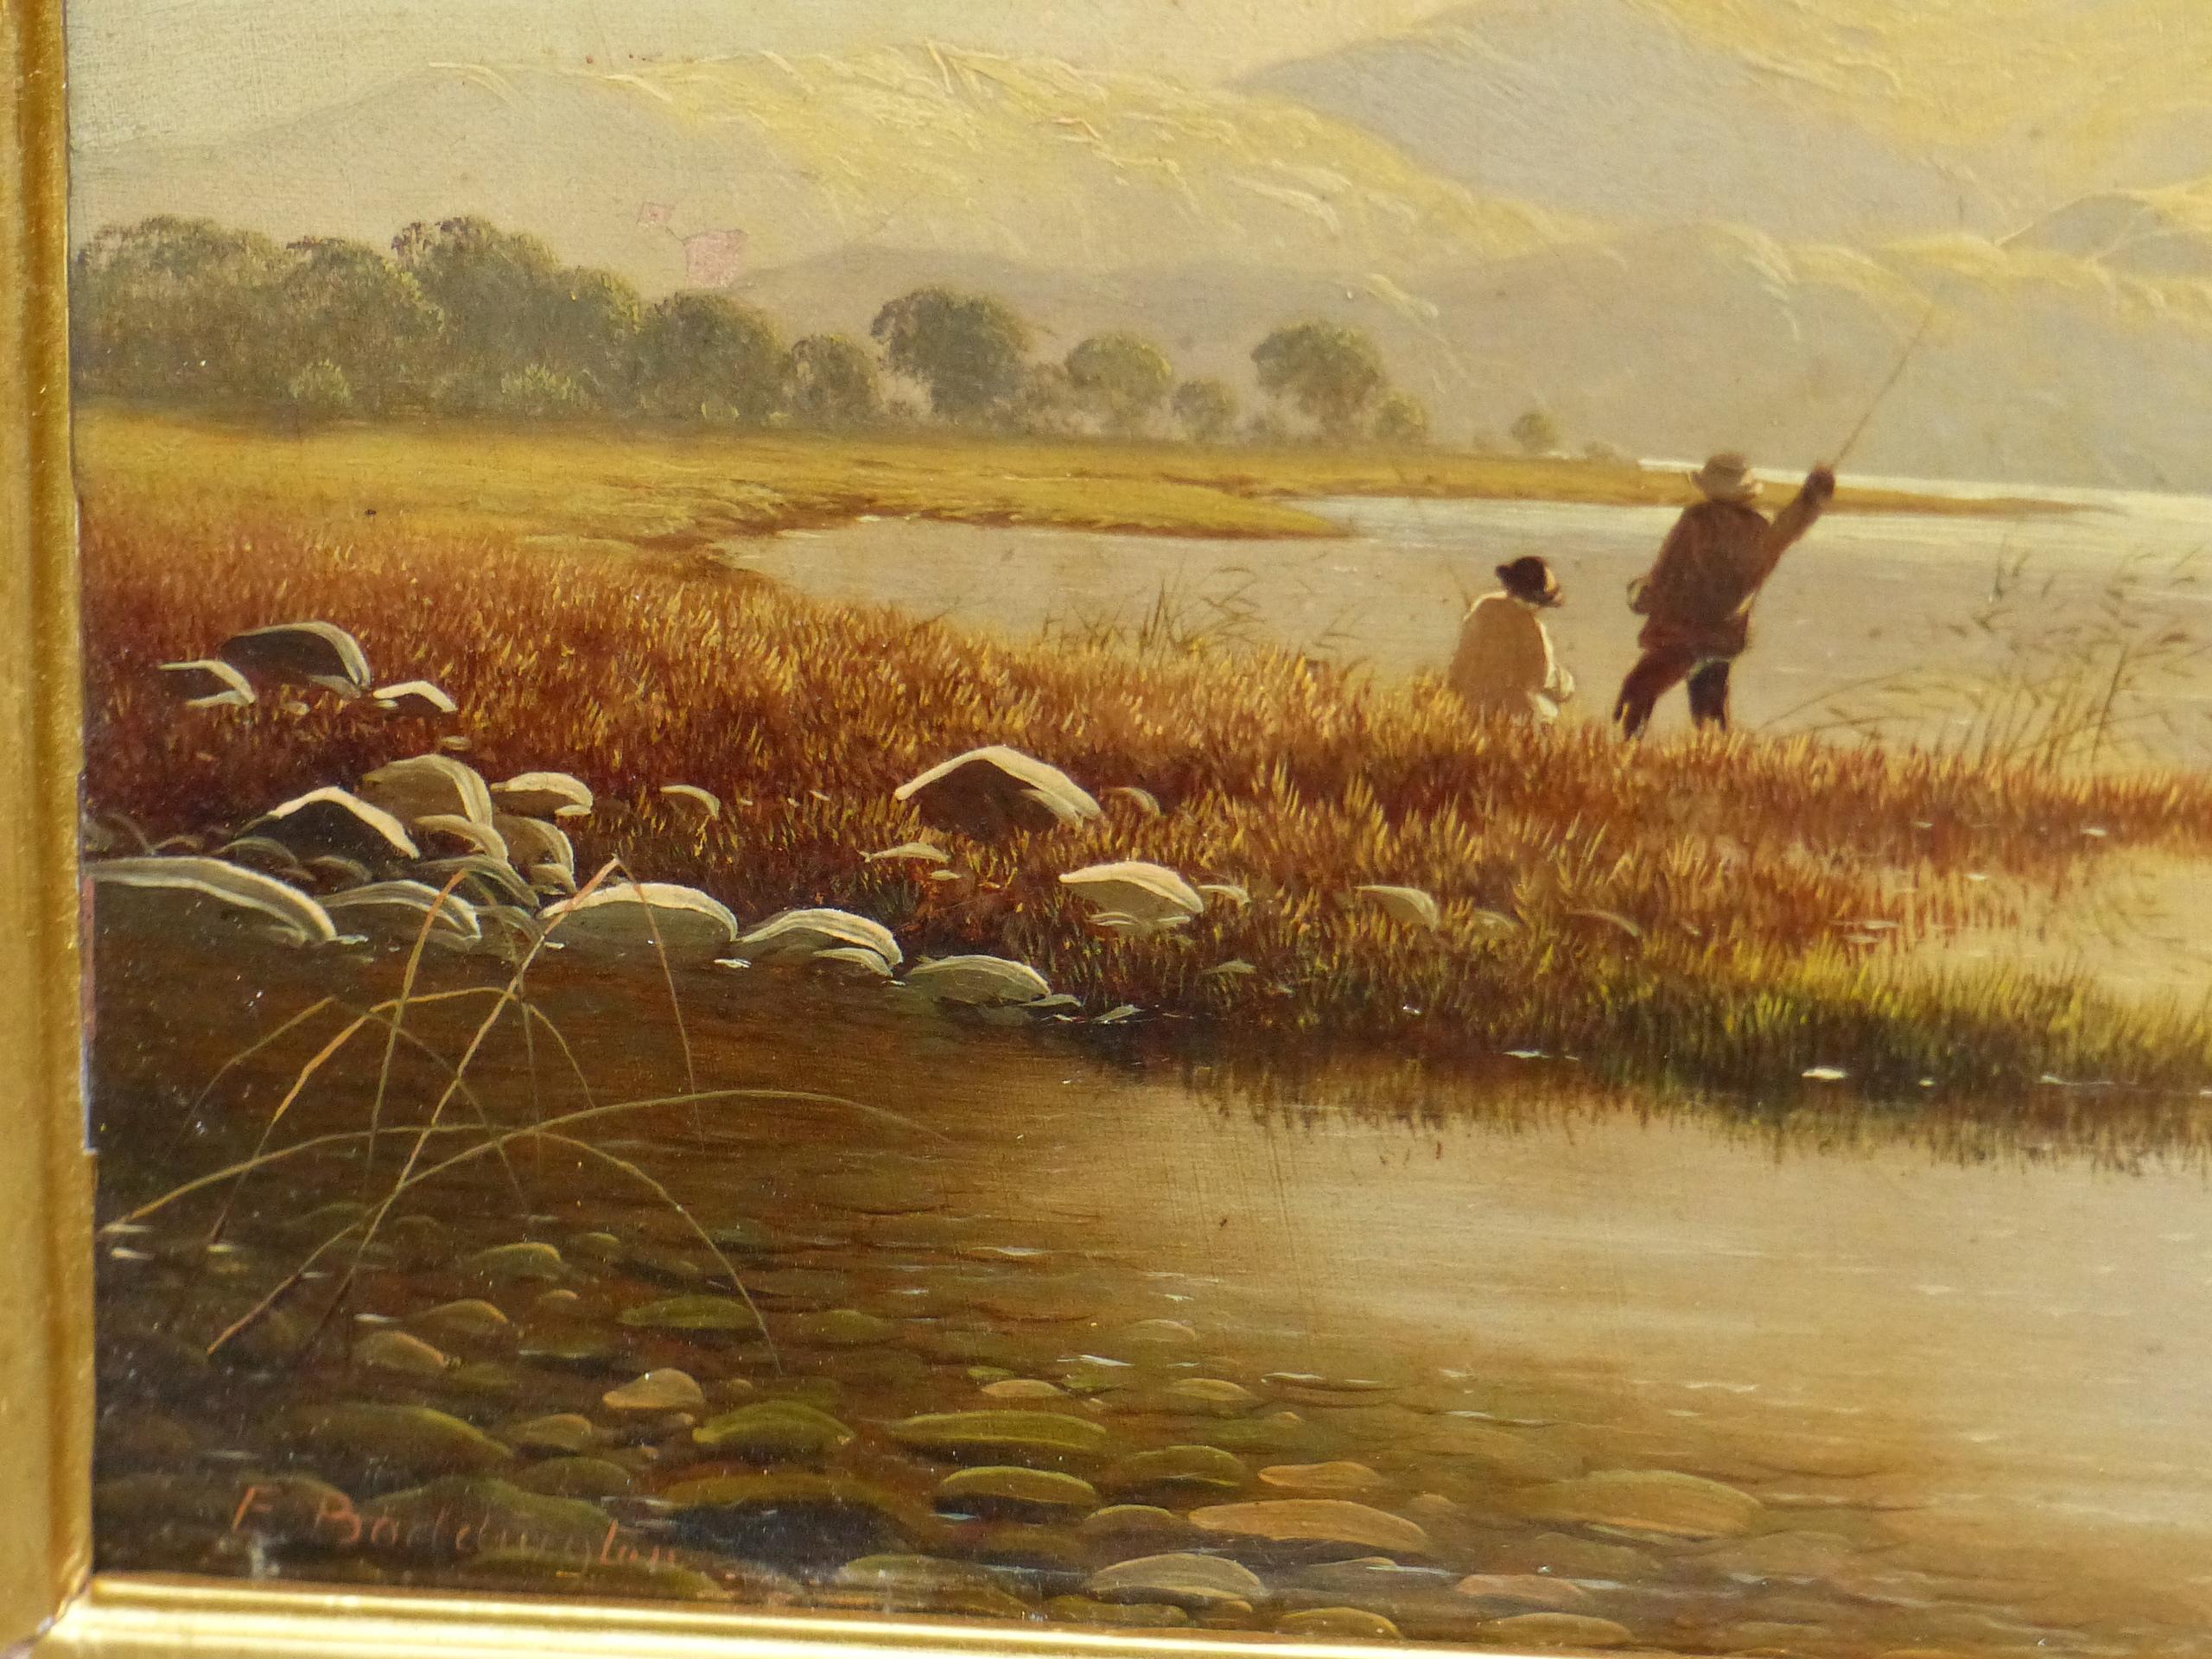 EDWIN BODDINGTON (1836 - 1905) A WELSH LANDSCAPE, OIL ON CANVAS, LABEL VERSO 30 x 56 cm - Image 4 of 9